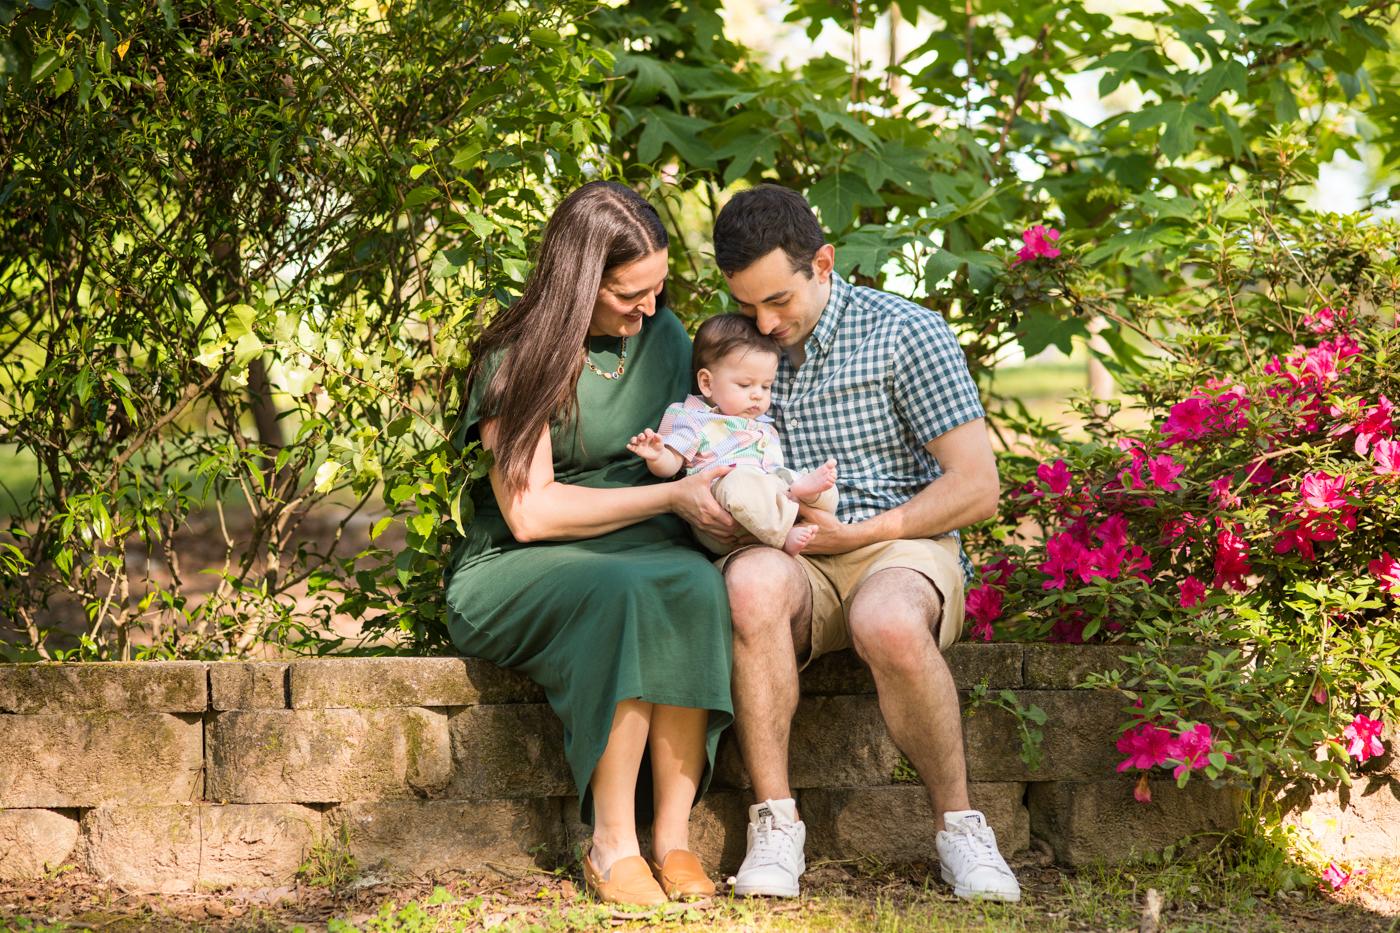 Lifestyle Family Photos in Atlanta Backyard // Jonathan and Marianna's Family